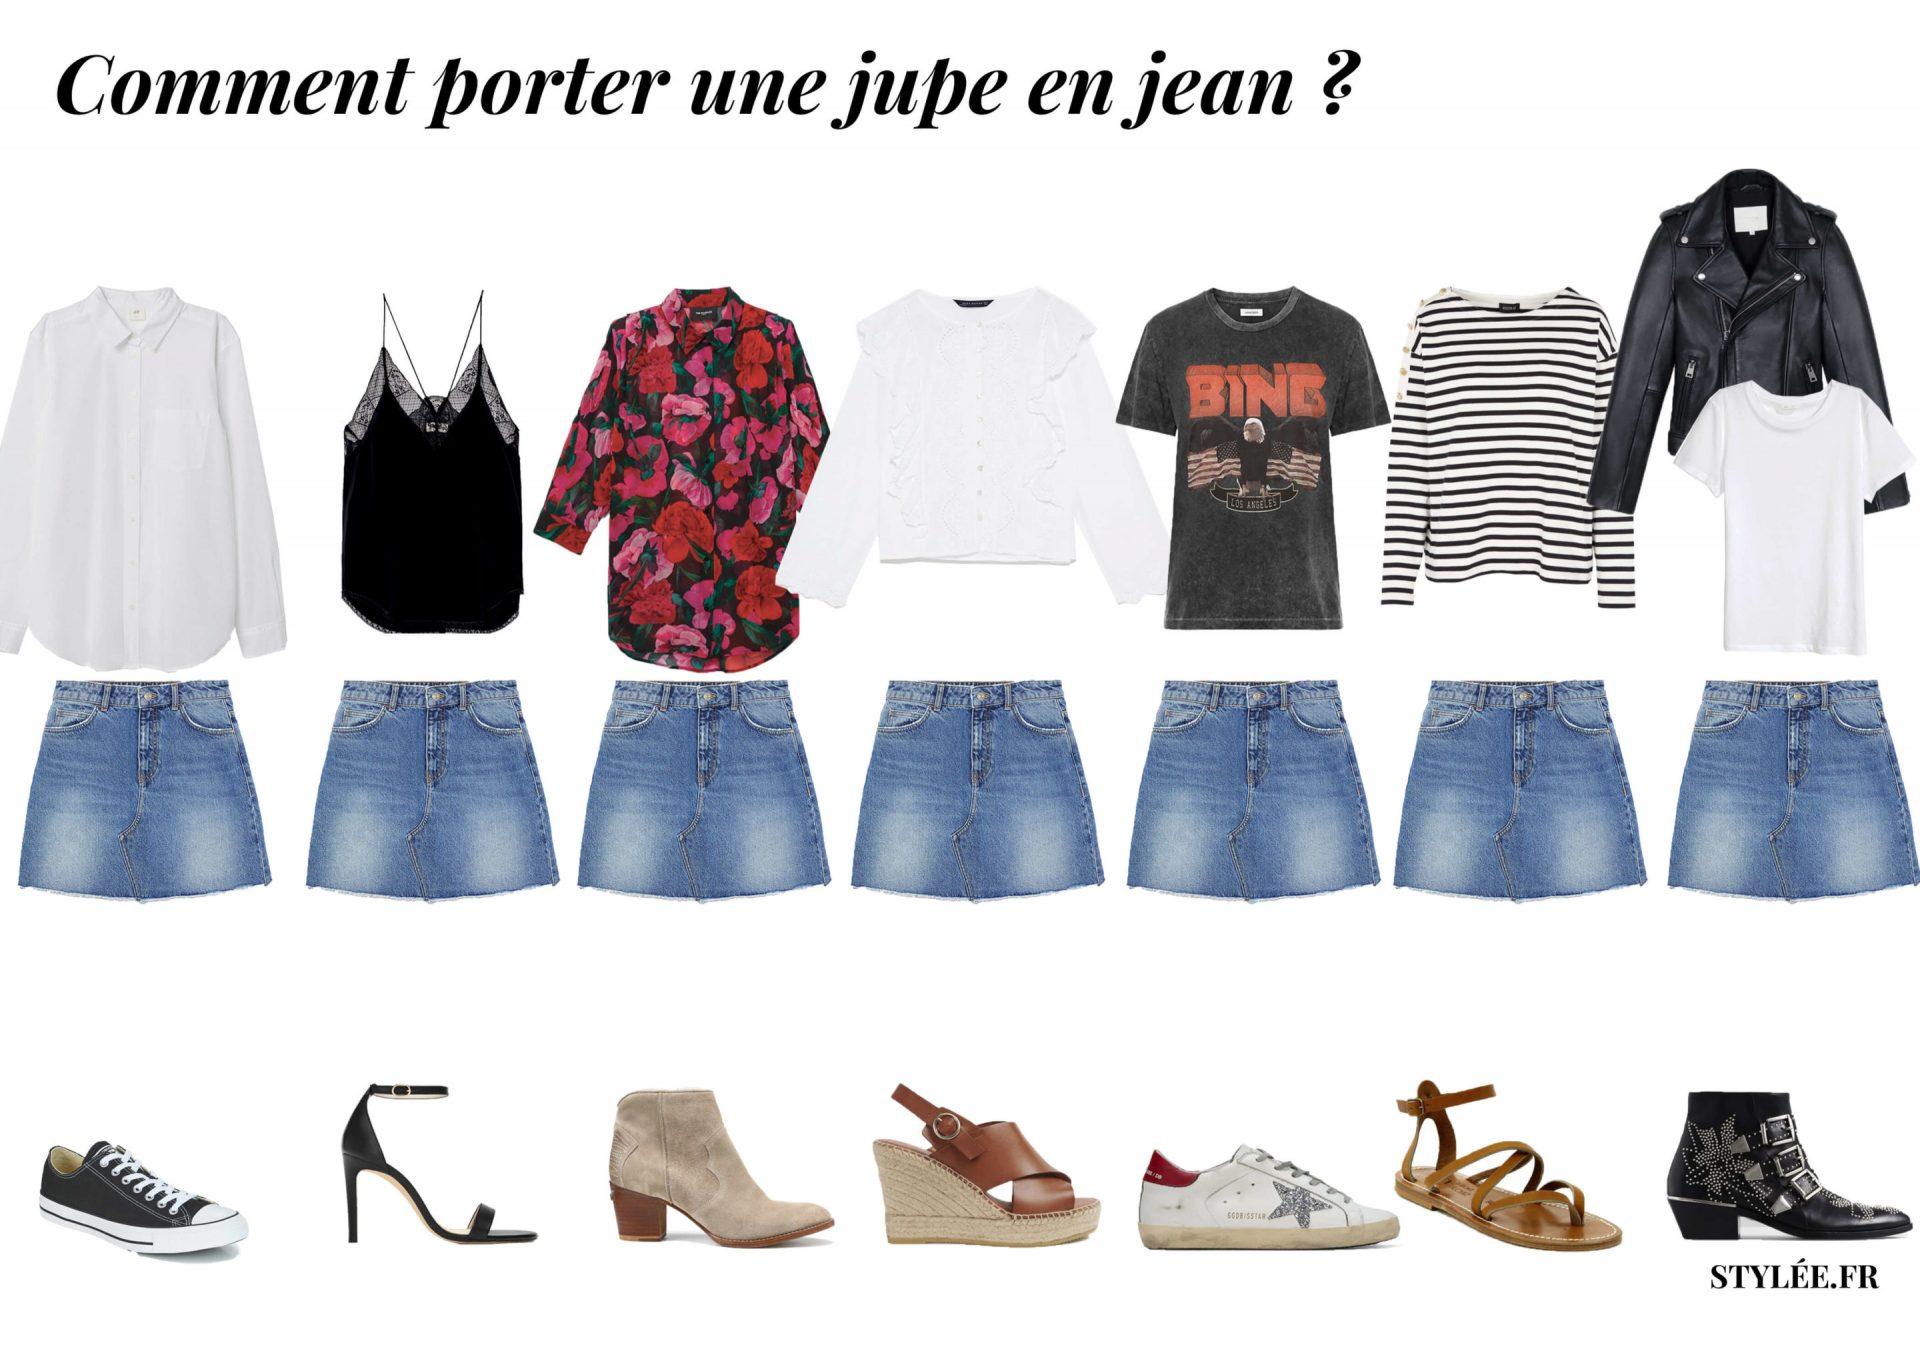 Comment porter une jupe en jean, idées de tenues